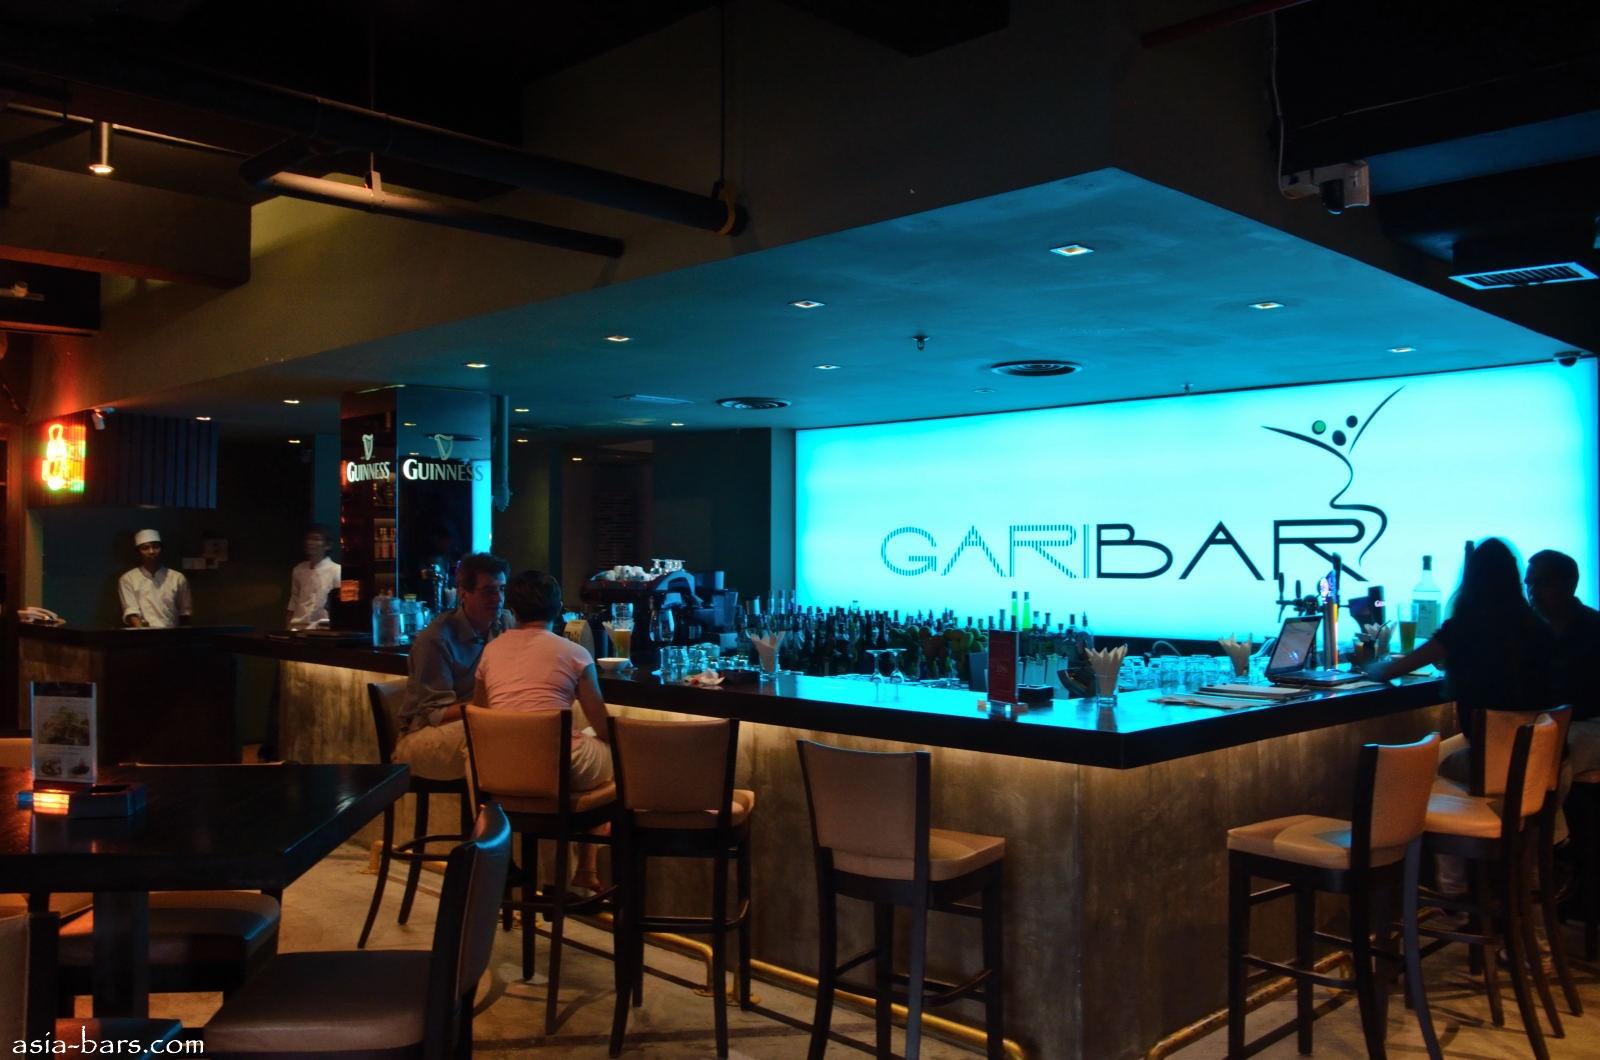 Garibar Fashionable Lounge Amp Bar In Kuala Lumpur Adding